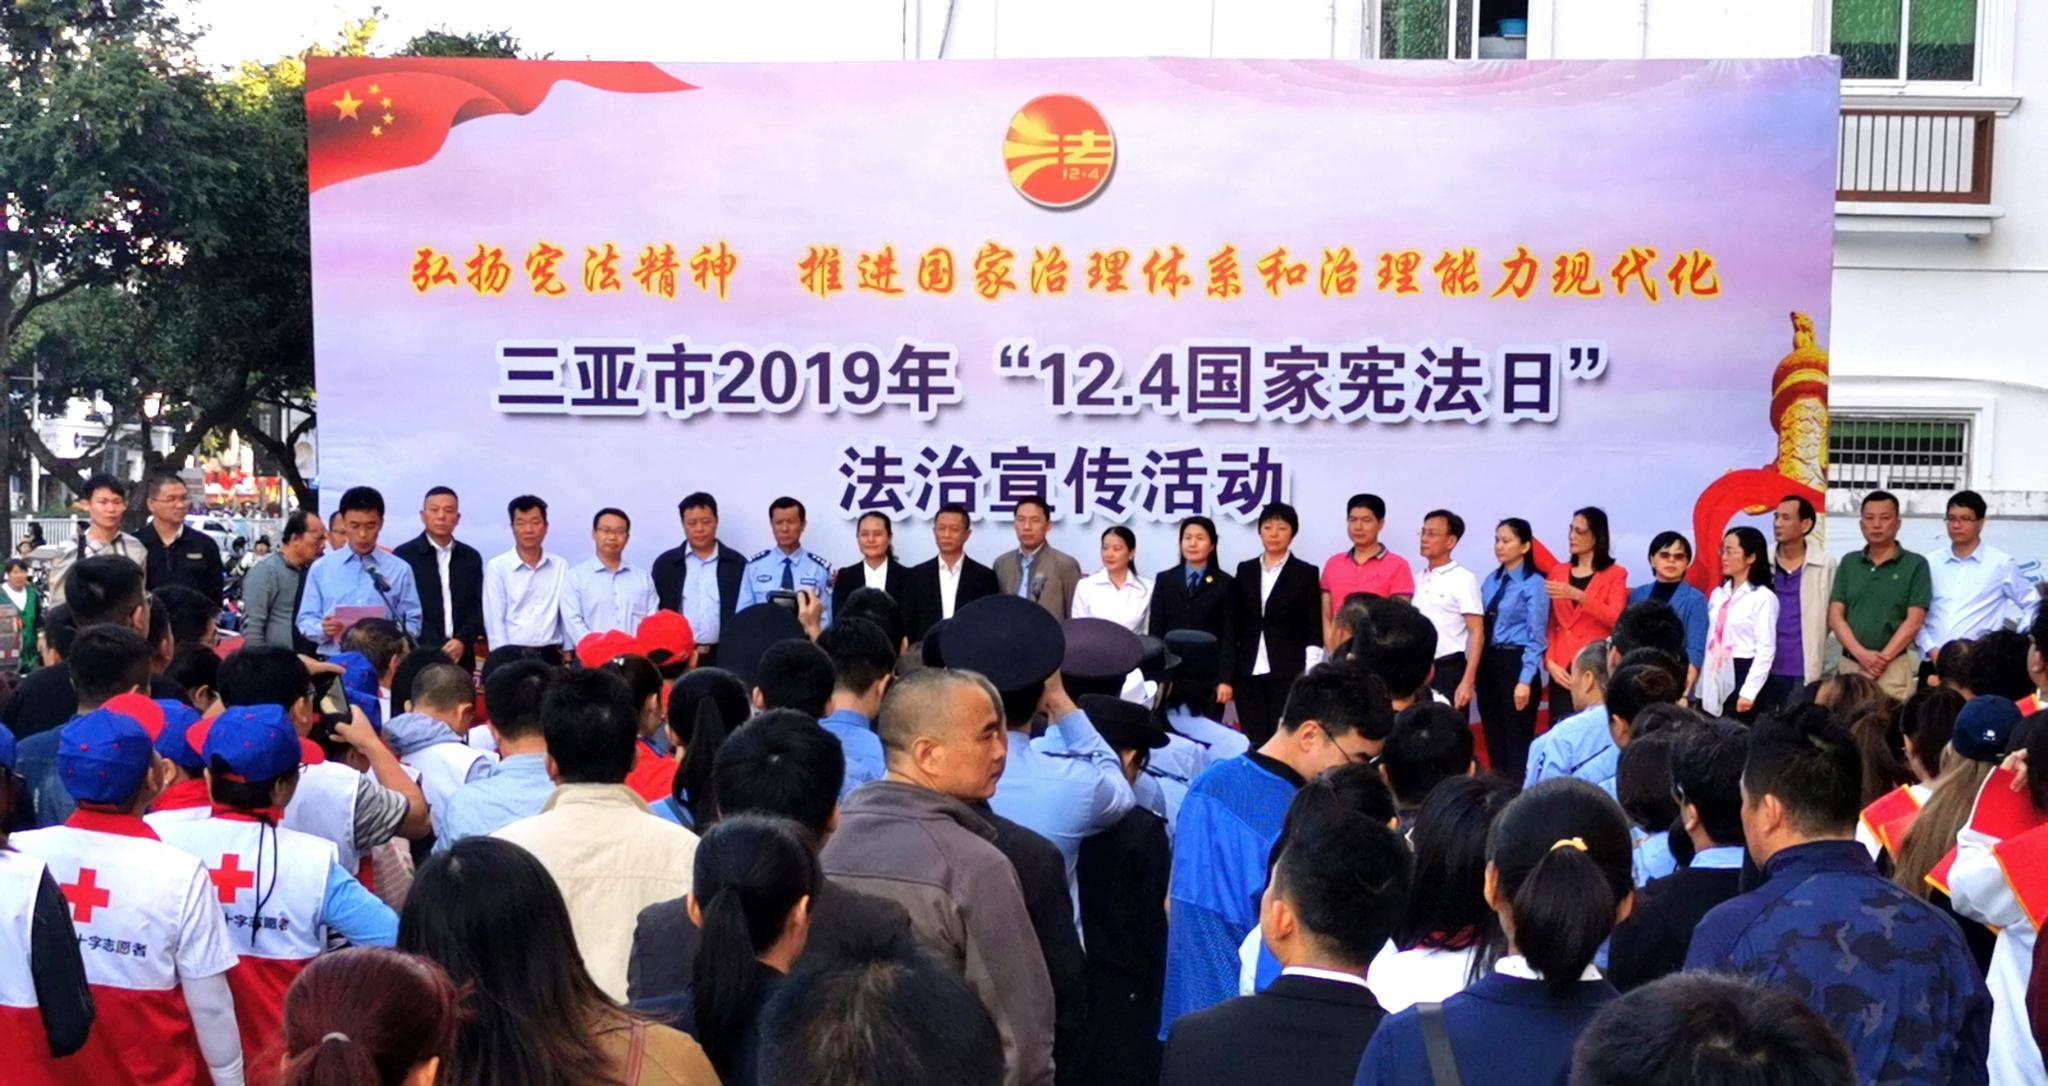 三亚市妇联开展国家宪法日宣传咨询活动